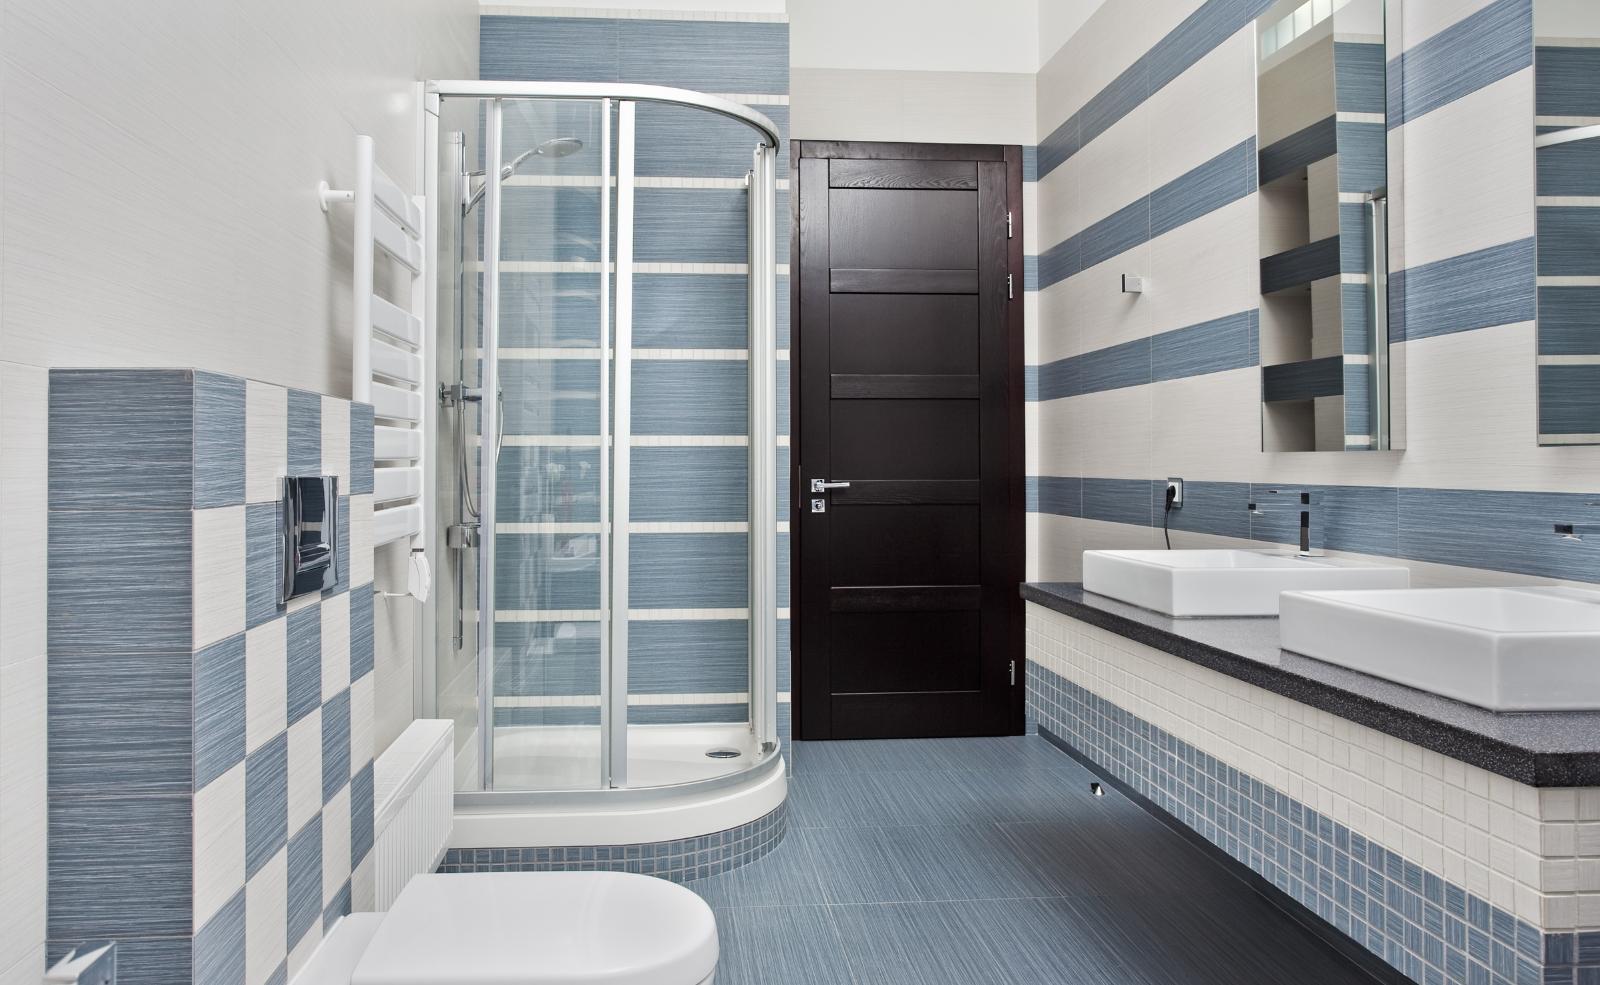 Duschkabine einbauen: Was kostet es?